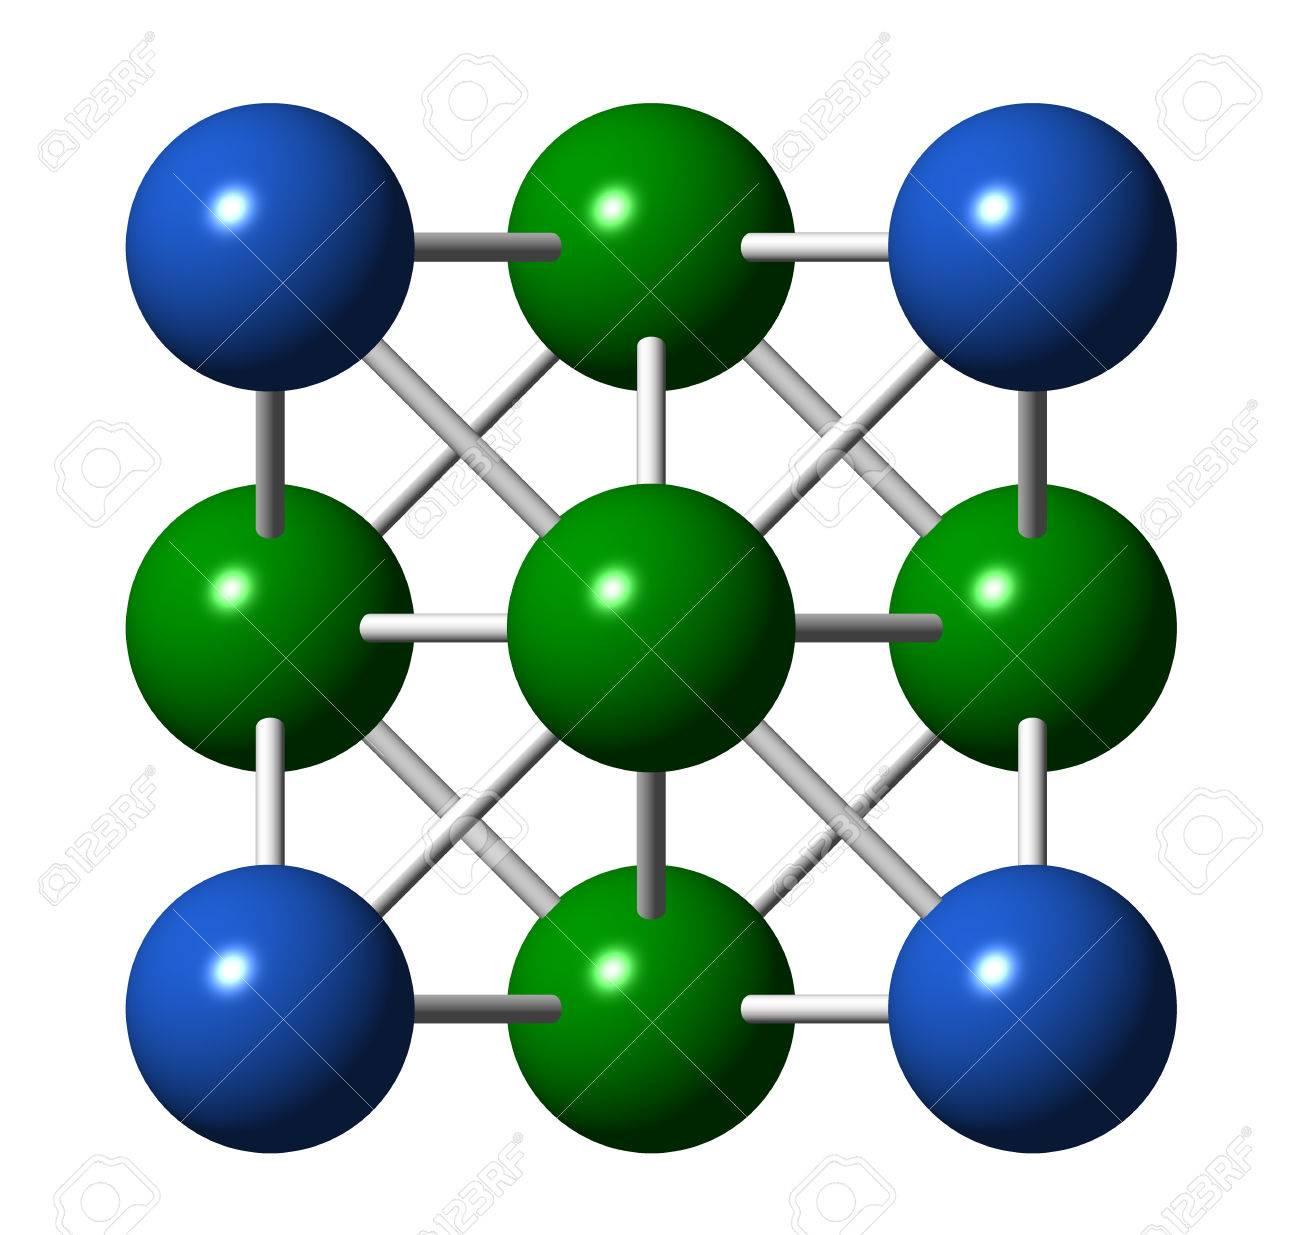 De Metal De Plata Estructura Cristalina Metal Precioso Utilizado En La Electrónica La Medicina Joyas Etc Celular Unidad átomos De Esquina Y El